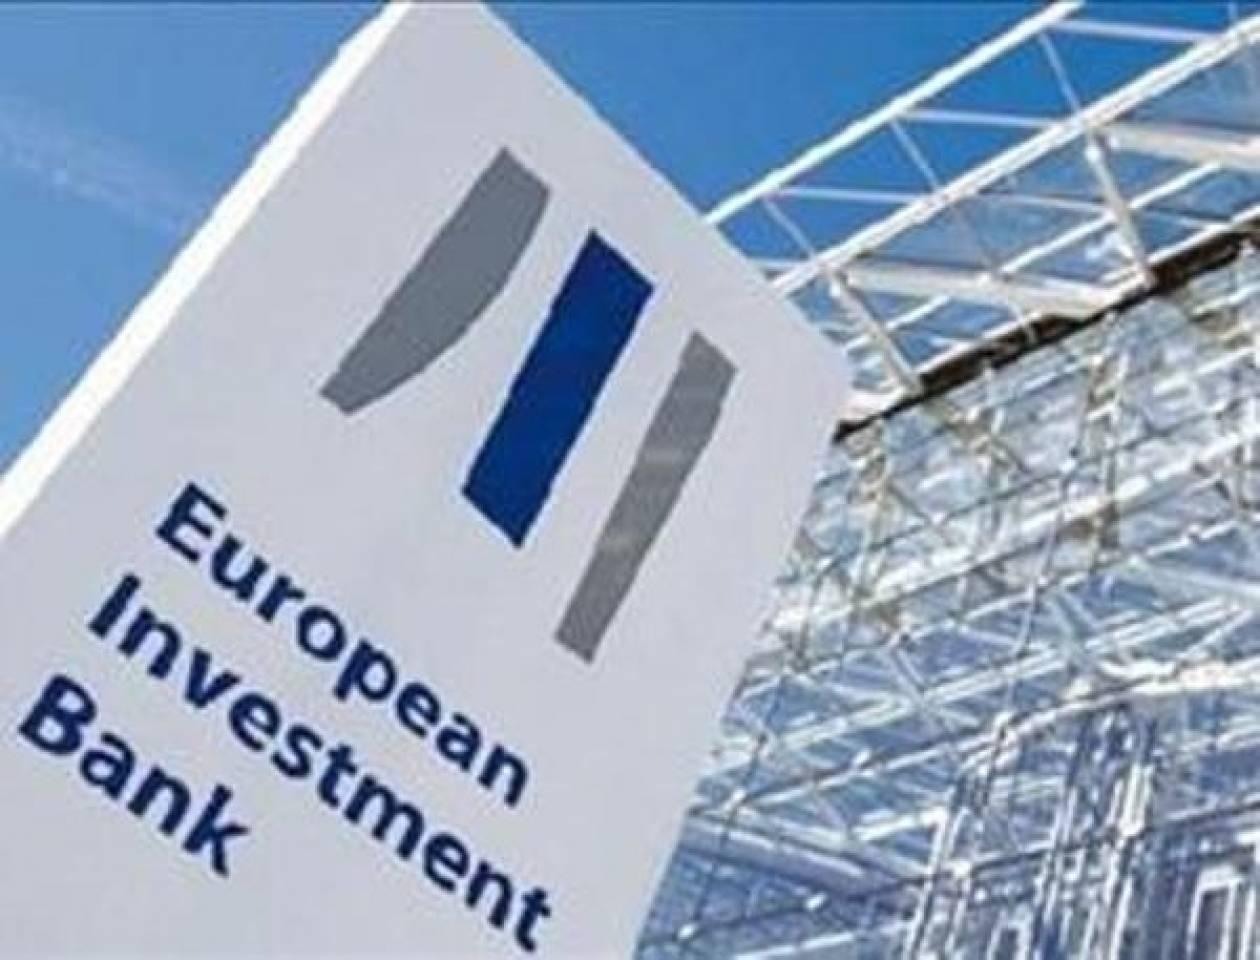 Εκταμίευση κονδυλίων 750,5 εκατ. ευρώ για την Ελλάδα από την ΕΤEπ